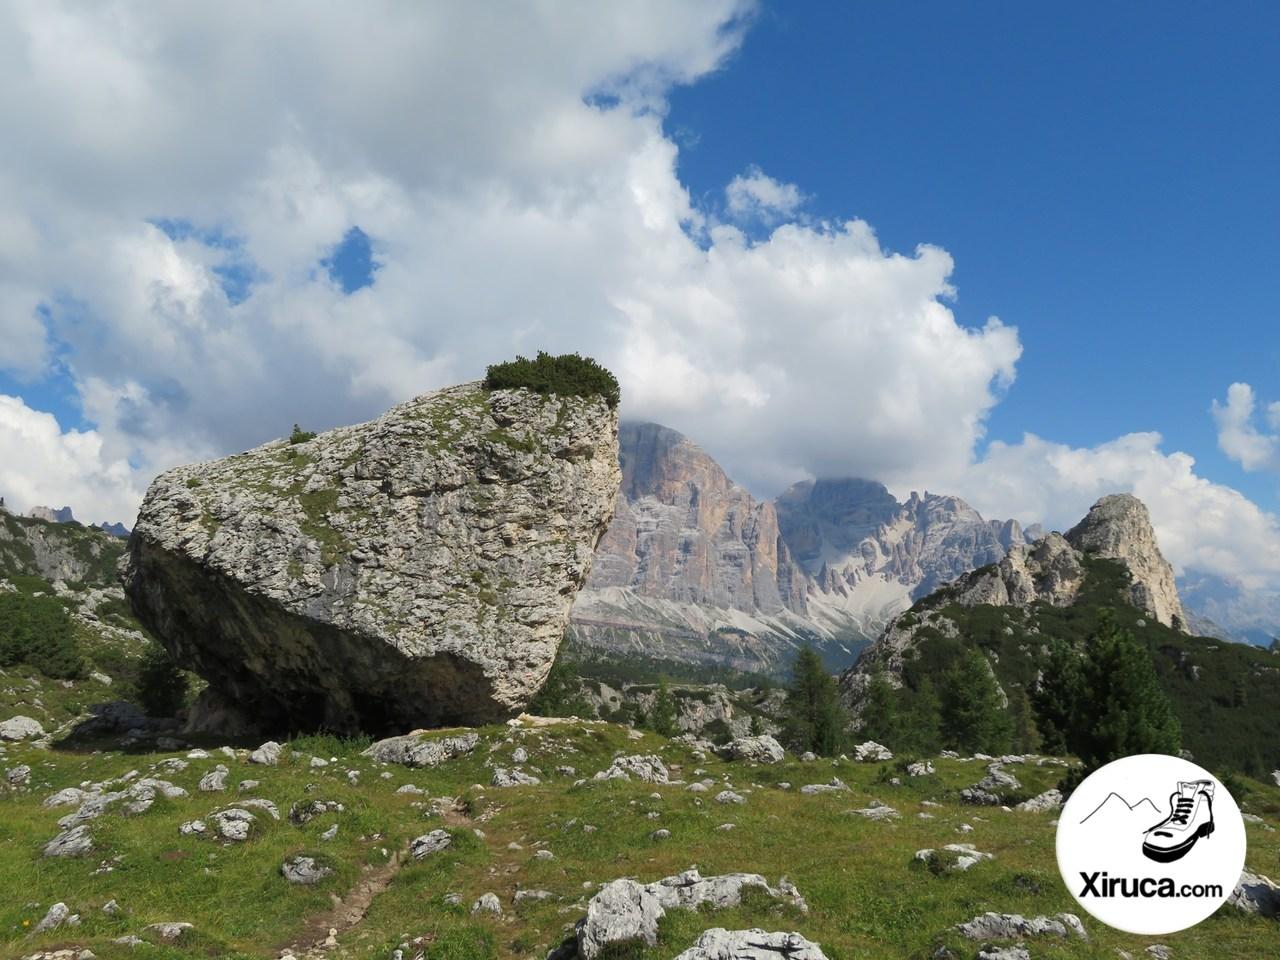 Enorme roca, con la Tofana di Rozes de fondo